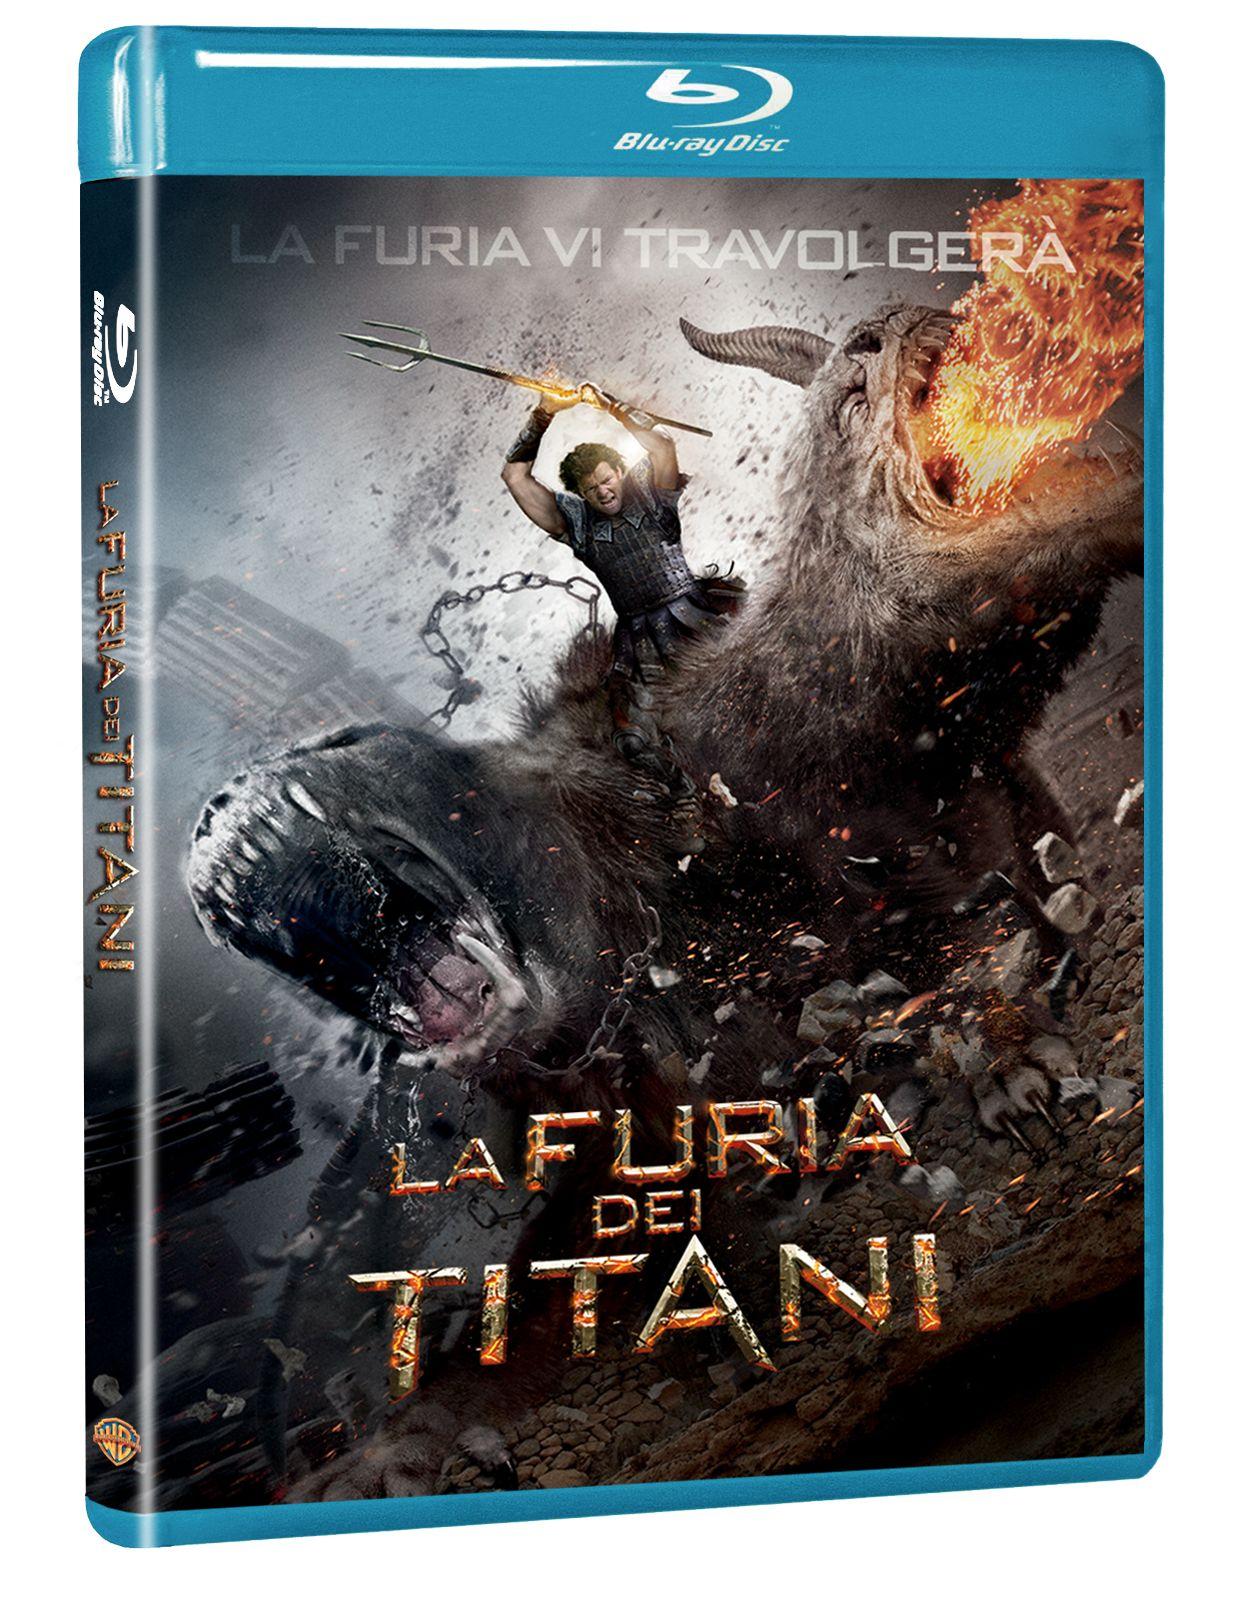 La furia dei titani blu-ray cover 2d